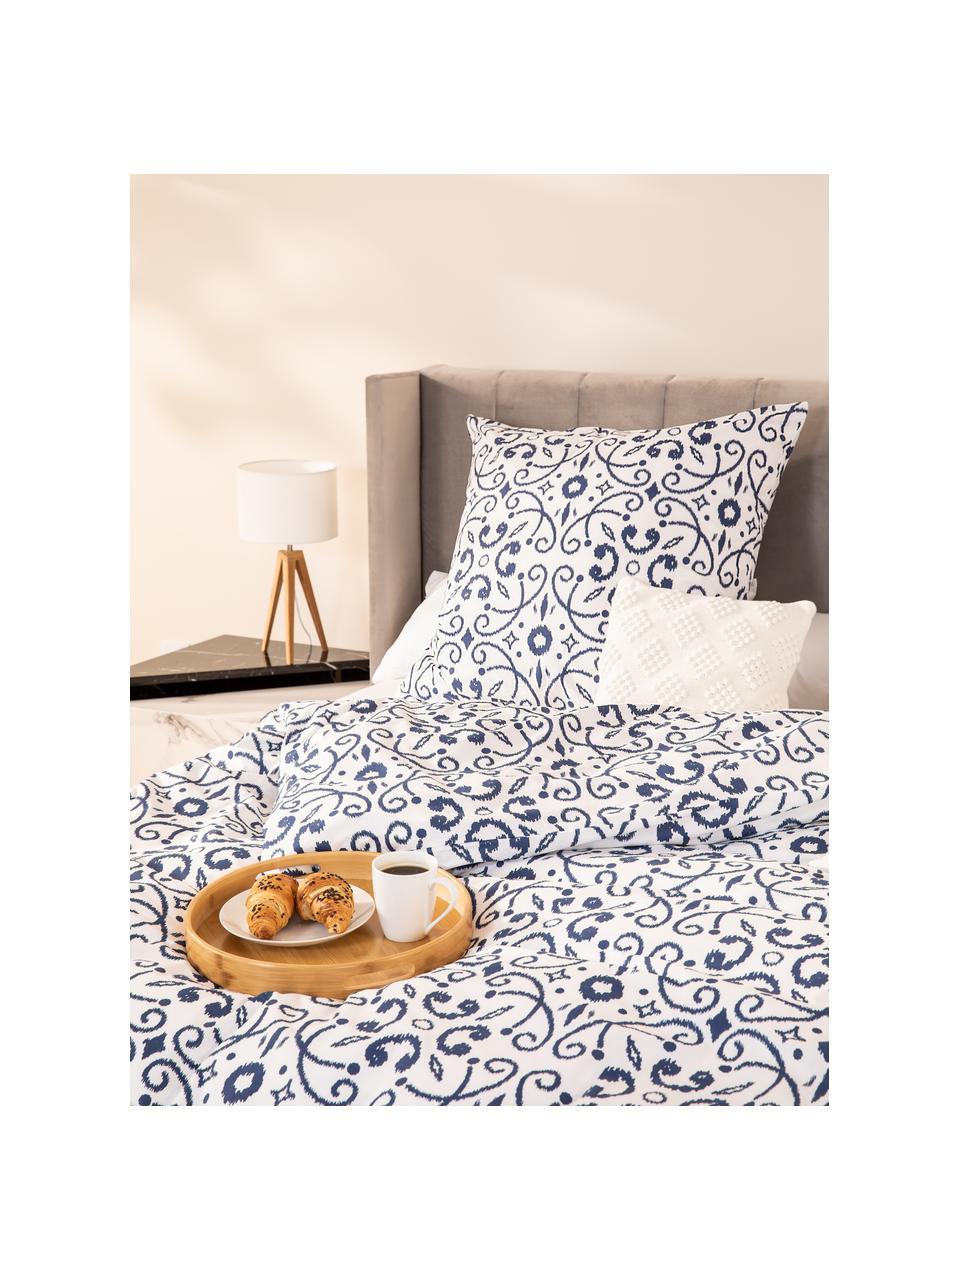 Baumwoll-Bettwäsche Ashley in Blau/Weiß, Webart: Renforcé, Weiß, Blau, 240 x 220 cm